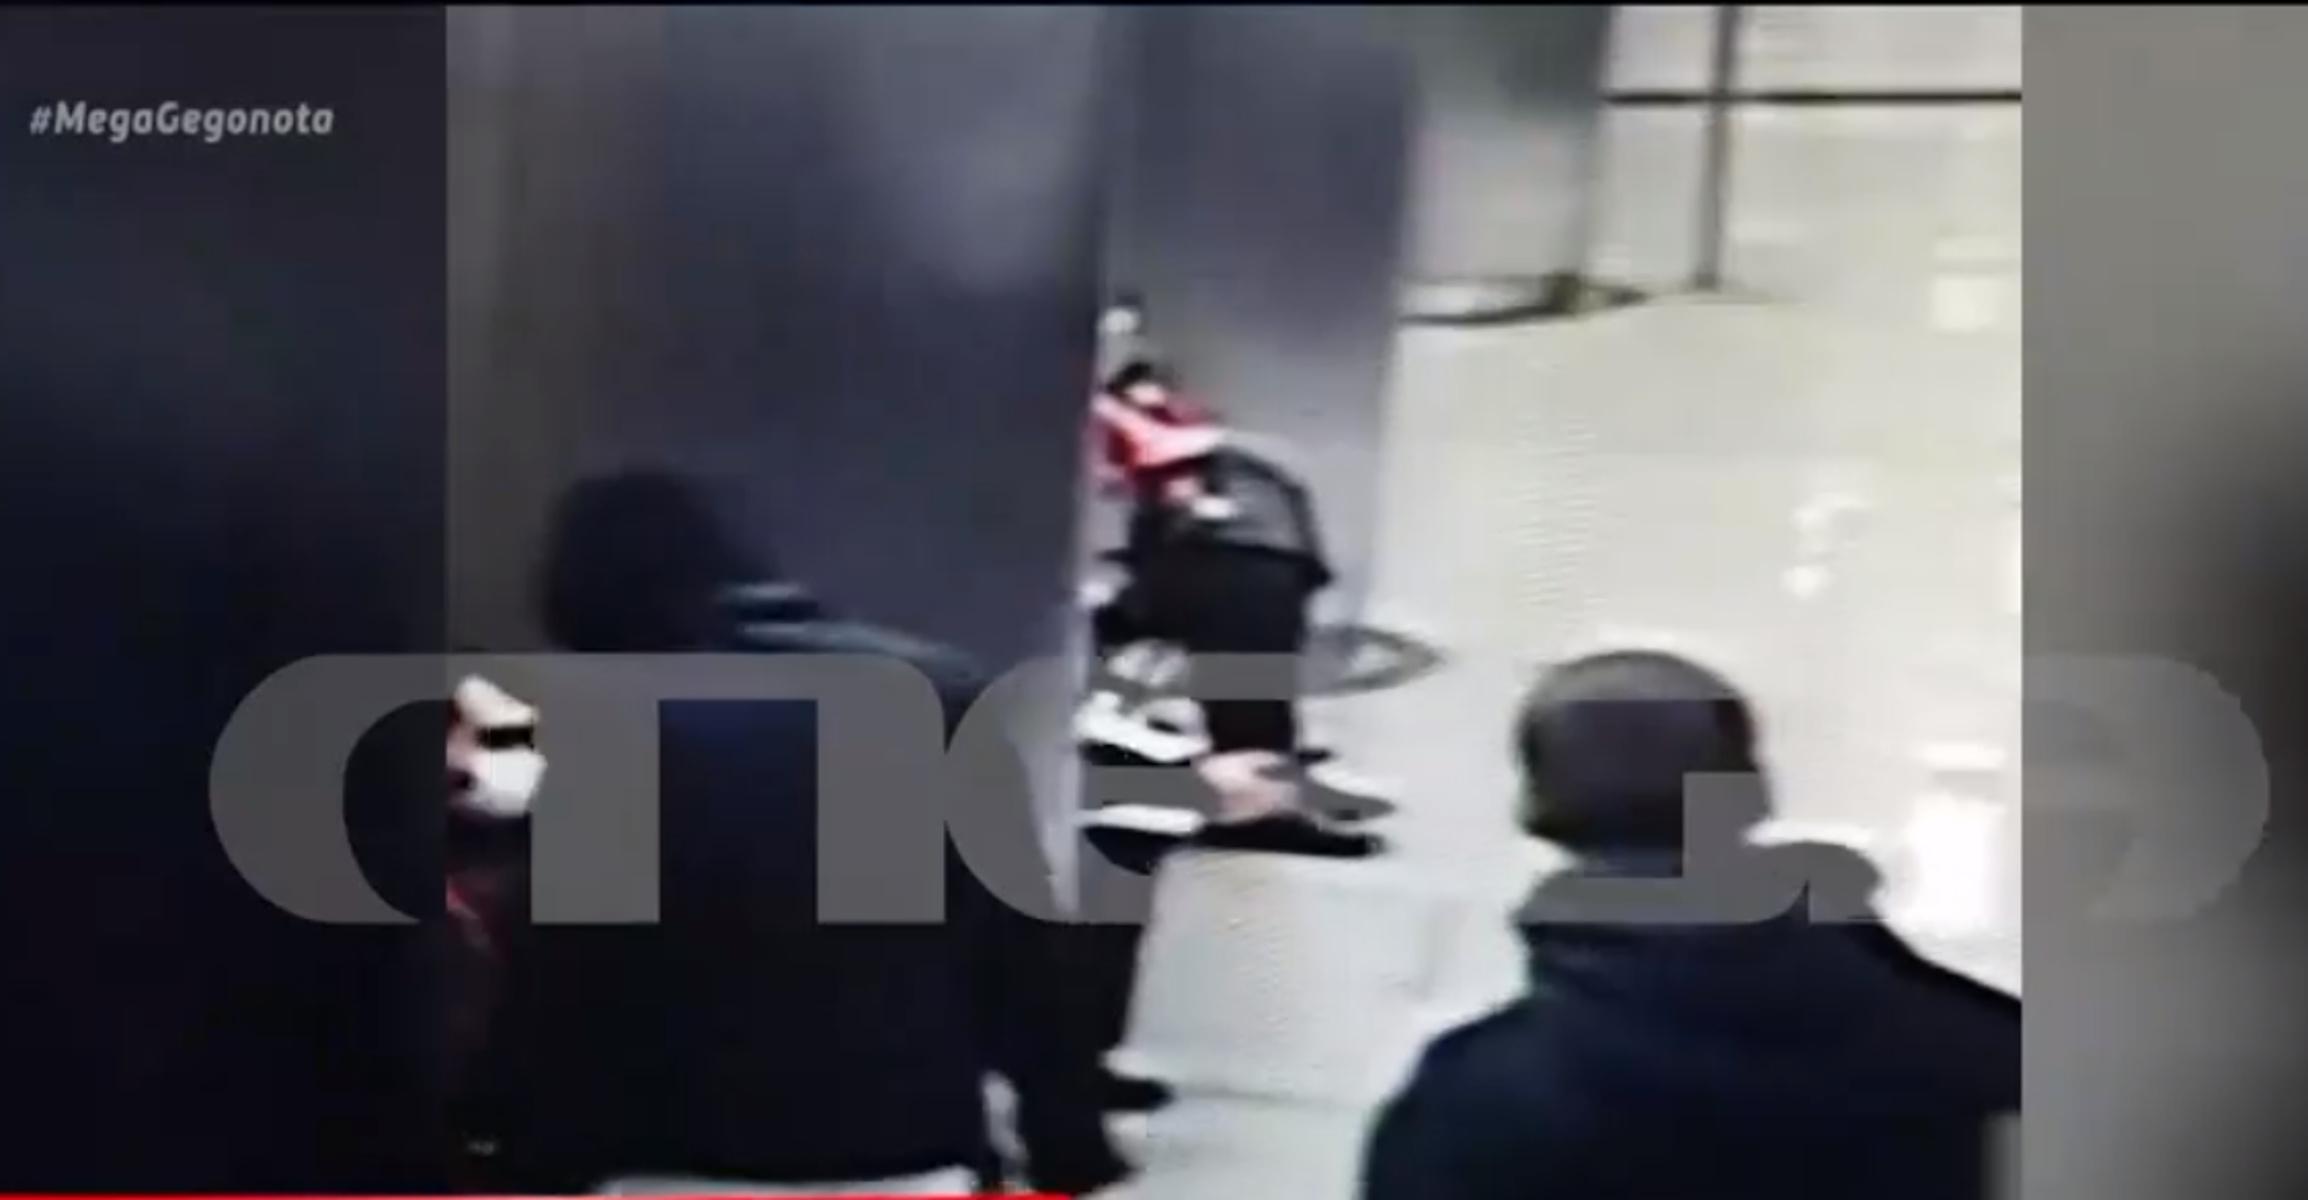 Ξυλοδαρμός στο Μετρό: Νέο βίντεο ντοκουμέντο – Και τρίτο πρόσωπο κάλυπτε τους ανήλικους